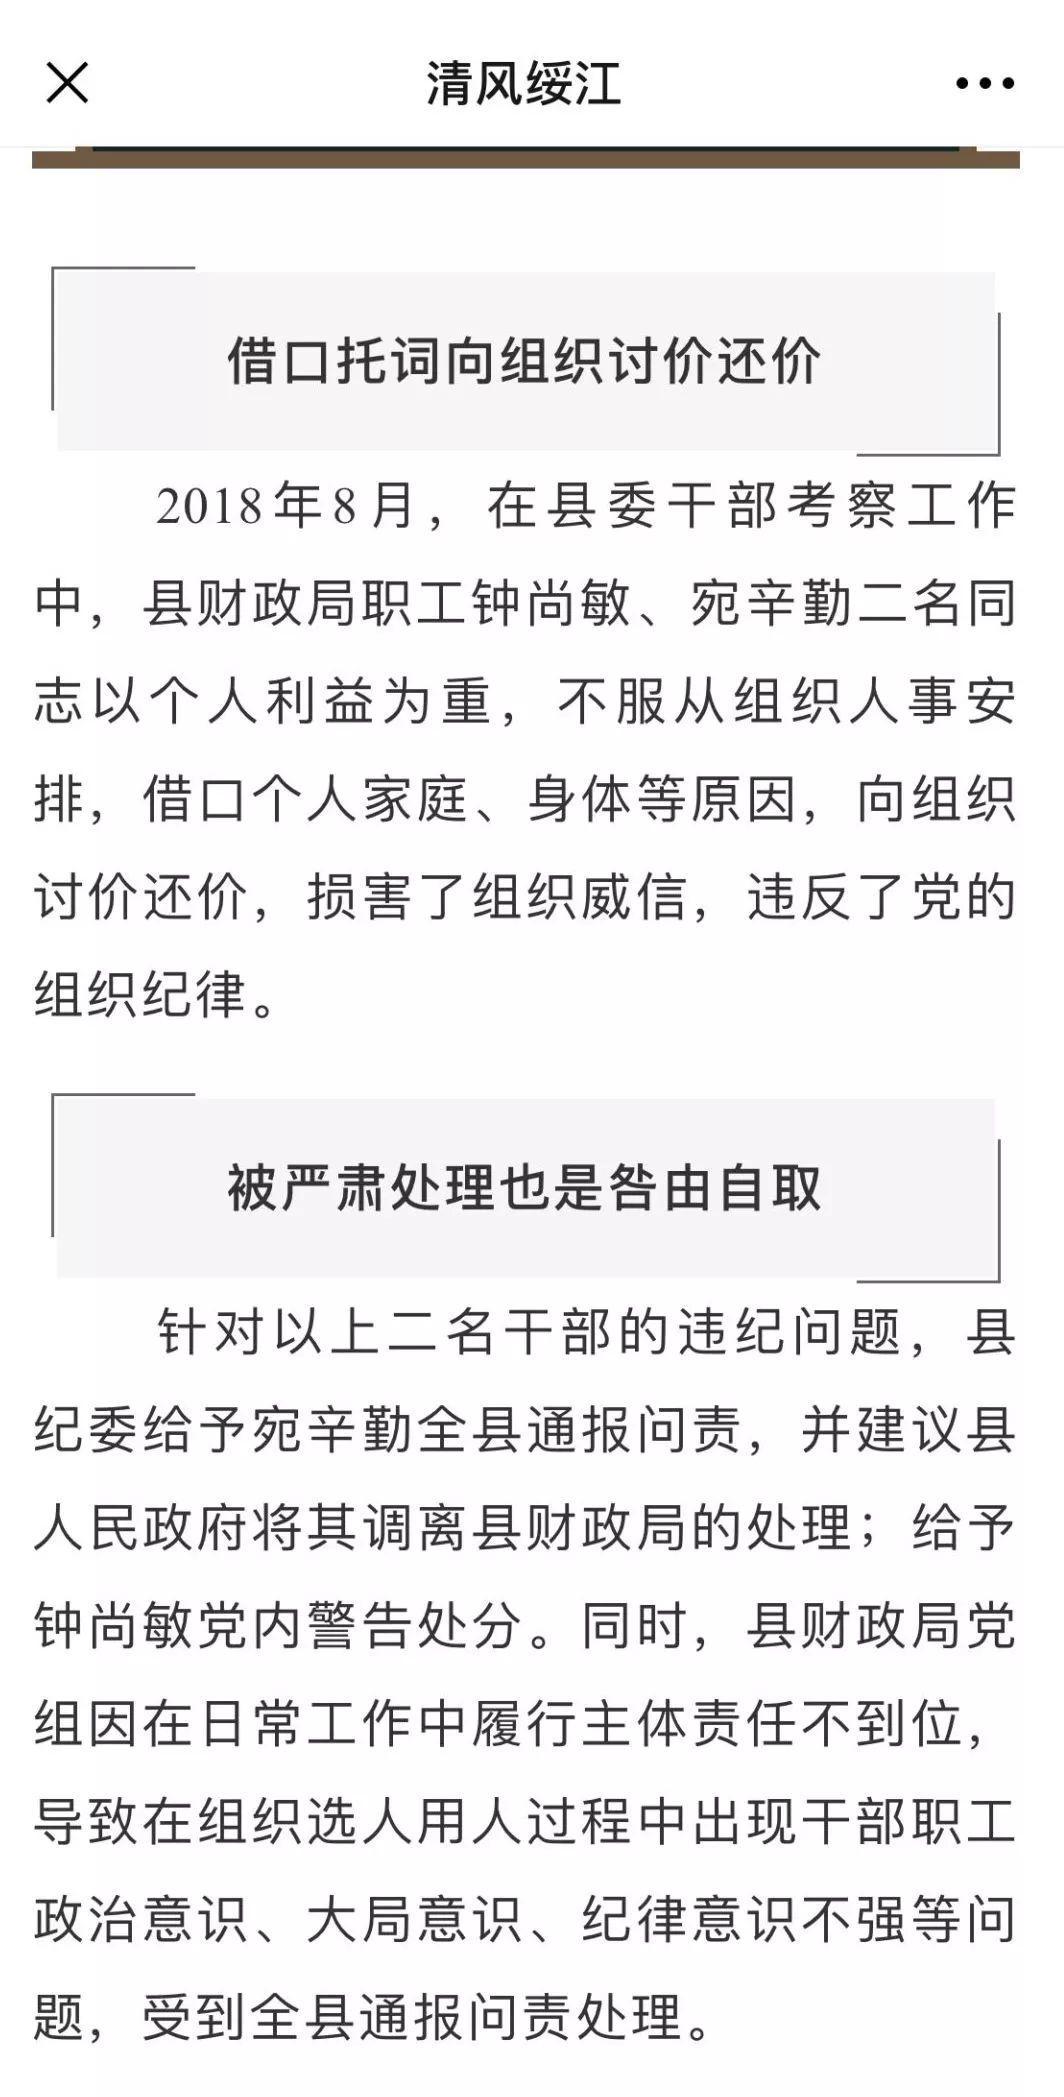 """绥江县纪委公众微信号""""清风绥江""""发布相关通报"""